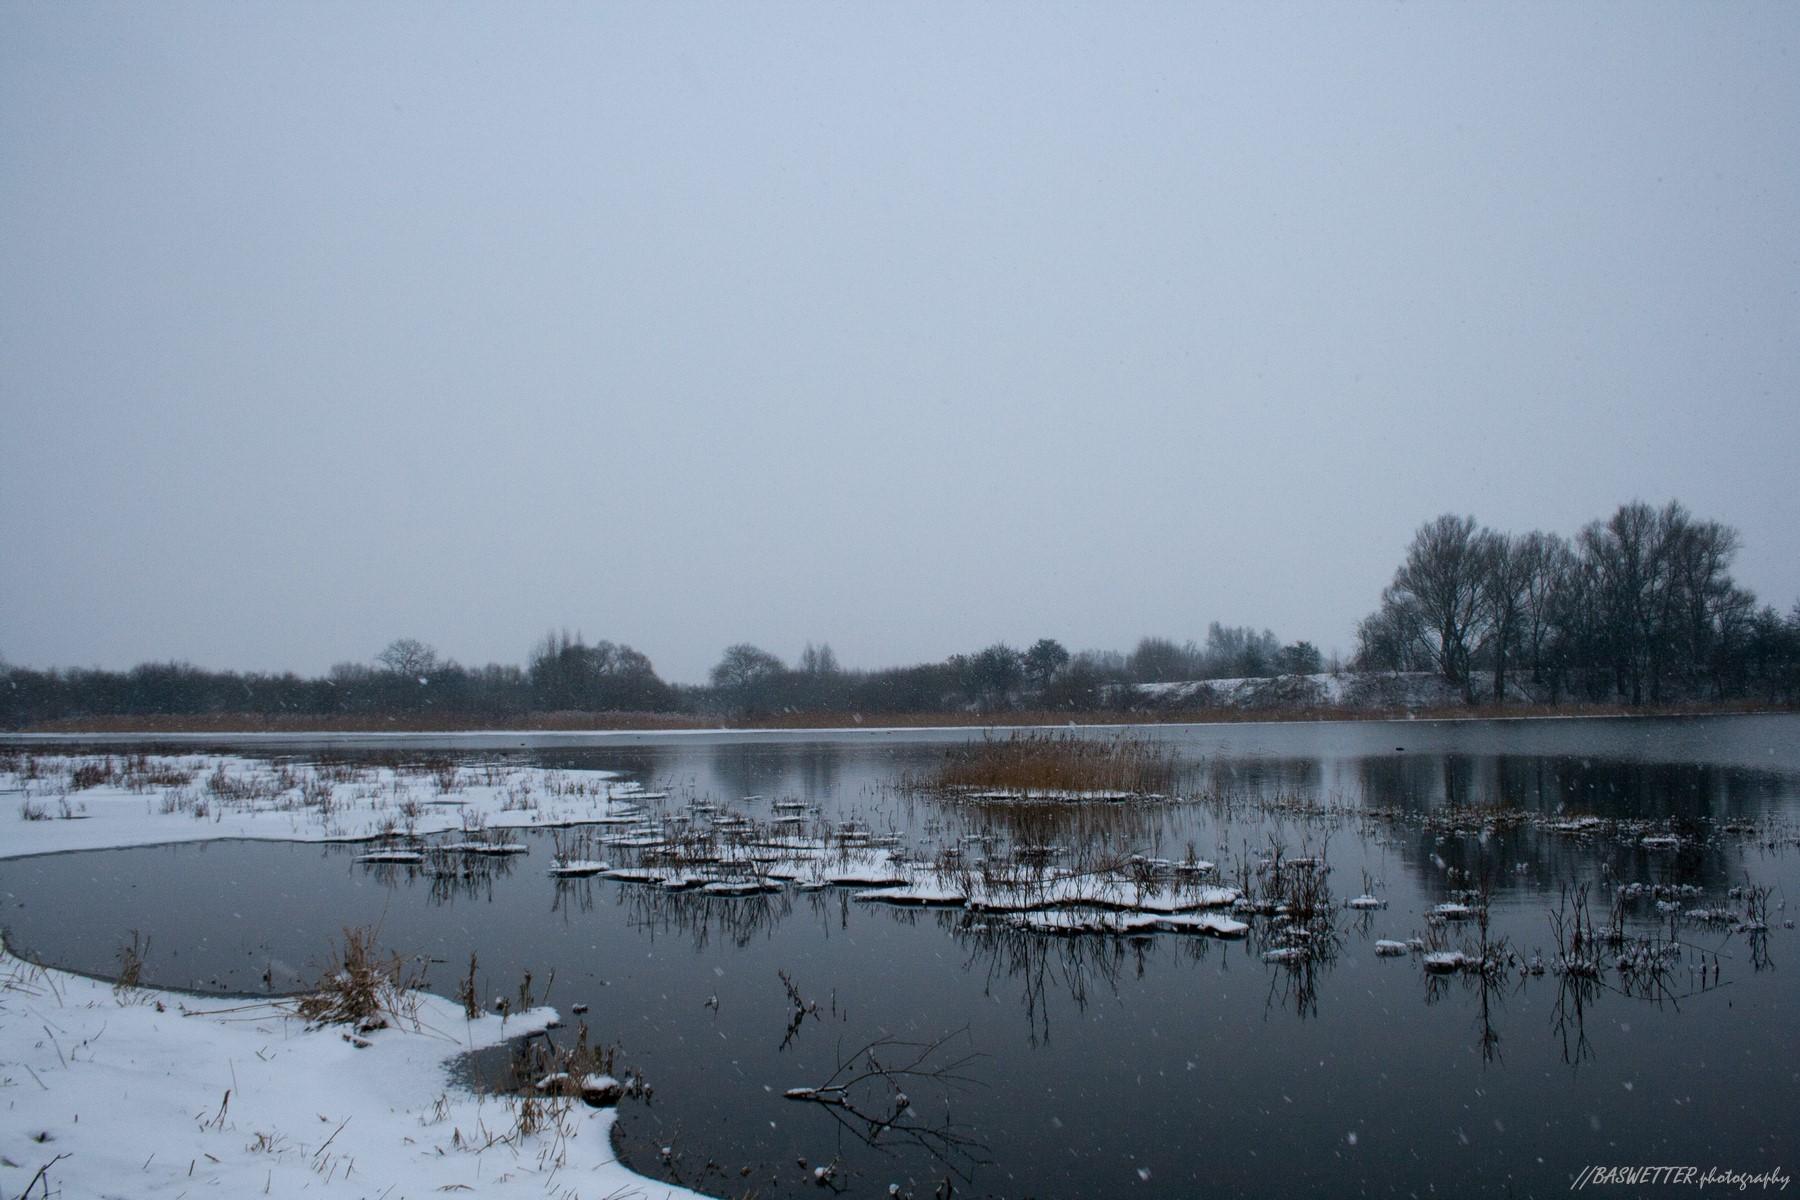 Winterlandschap in de uiterwaarden van Wageningen